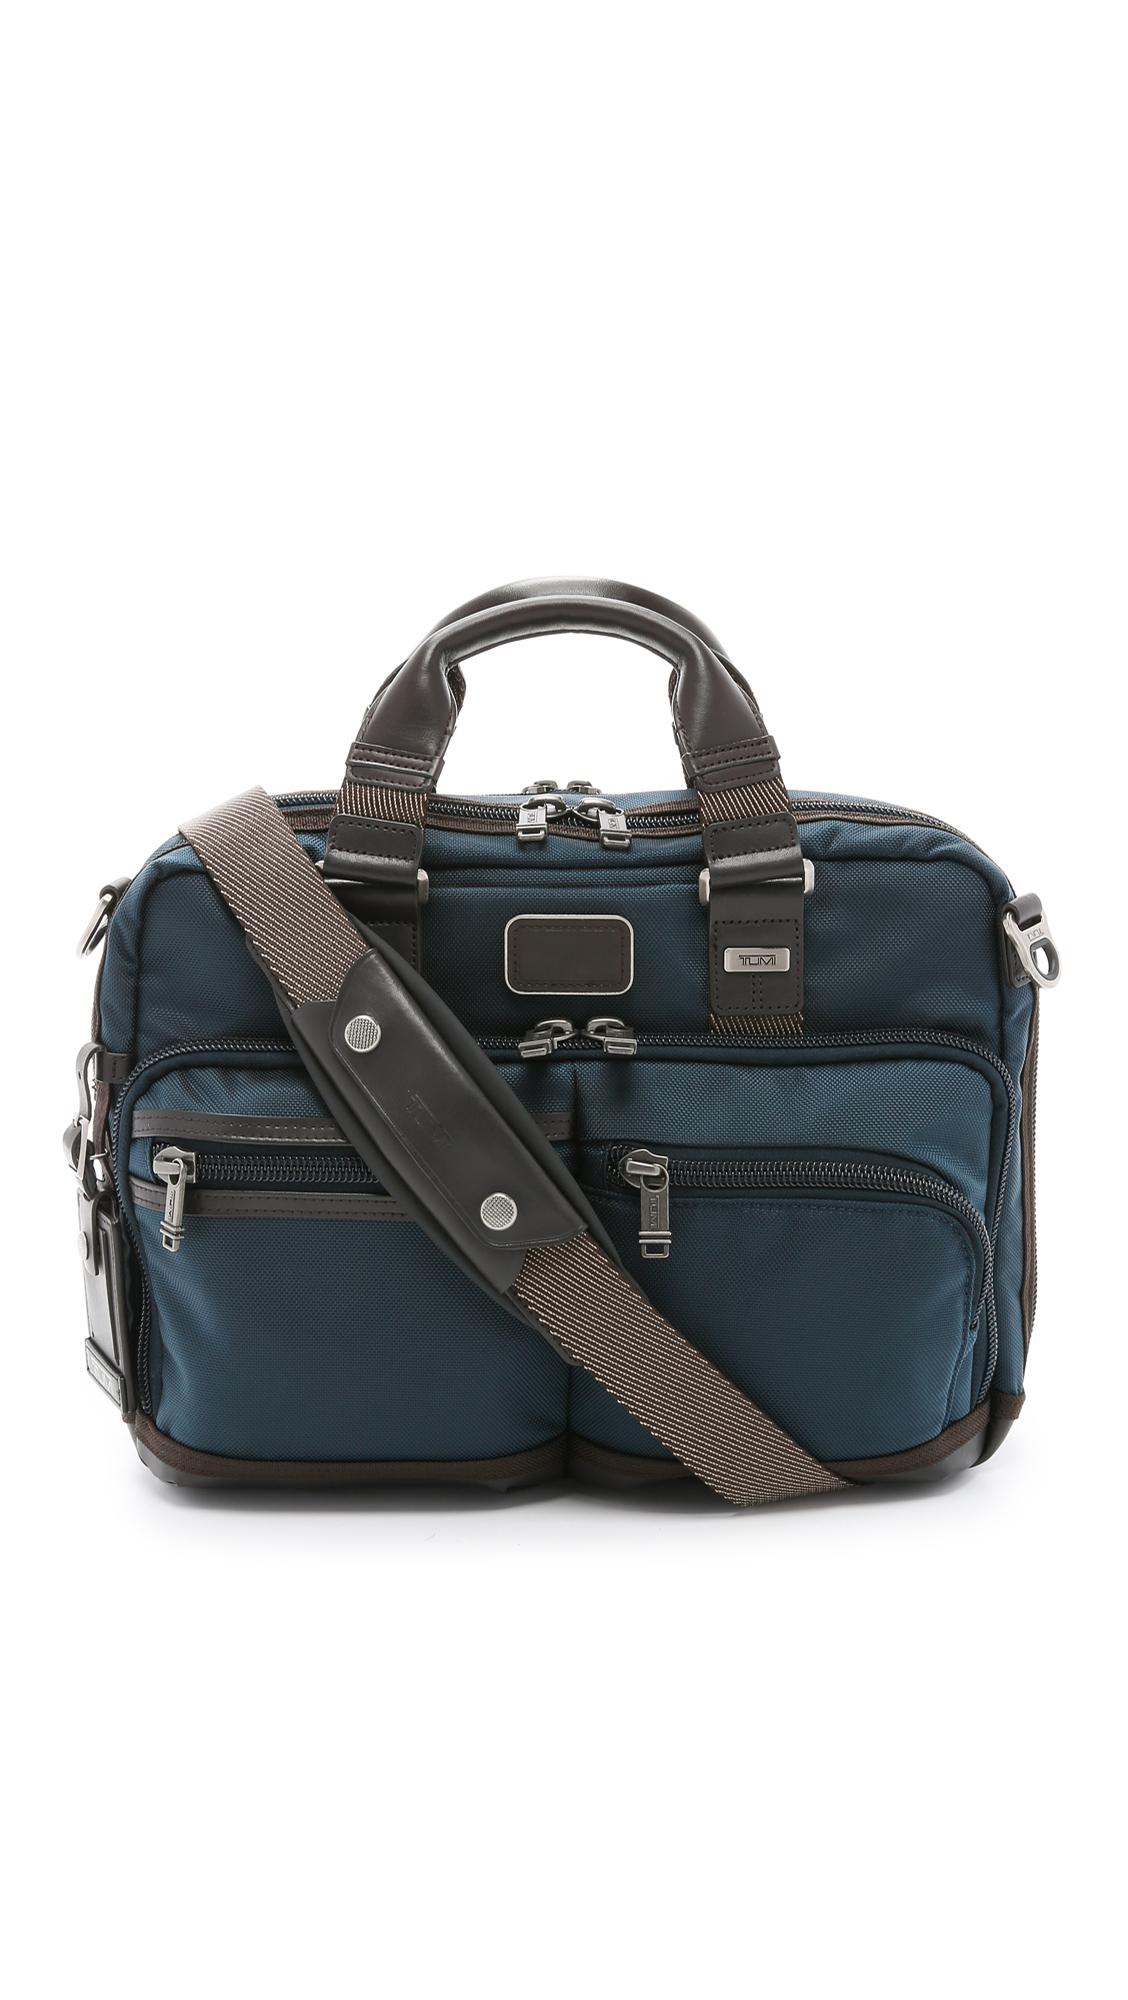 tumi womens briefcase photo - 1